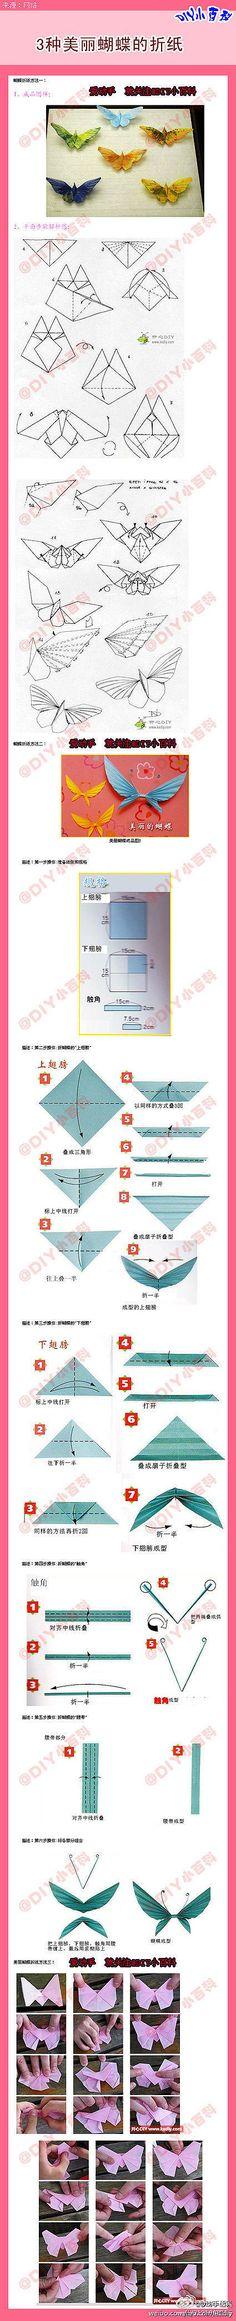 origami butterflies (Diy Paper Butterflies)